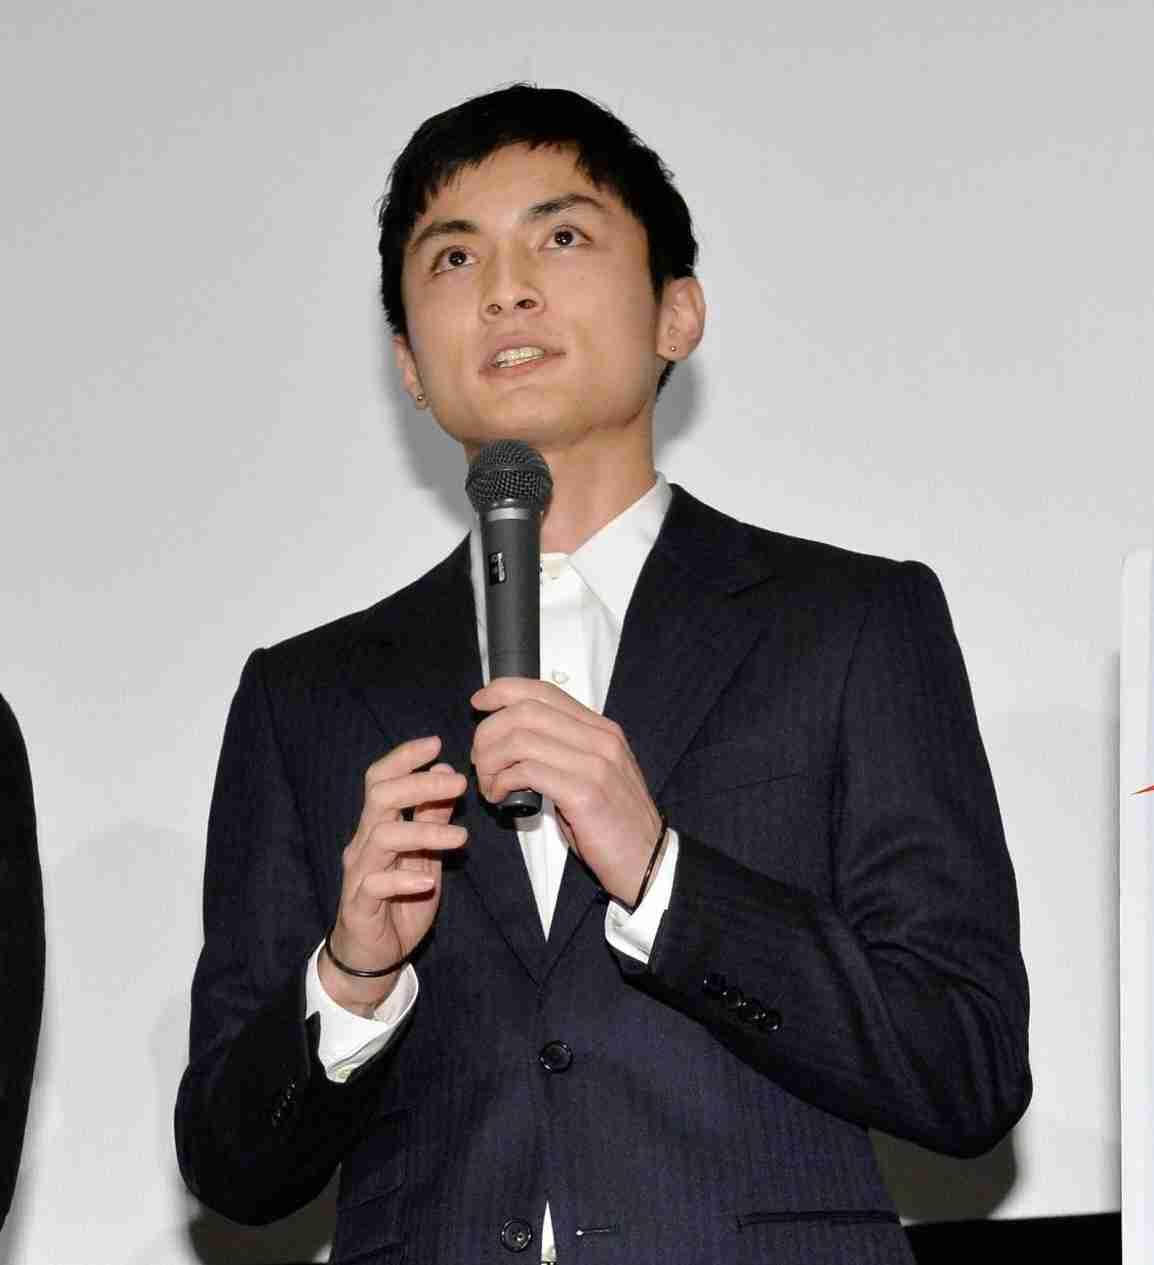 高良健吾、観客の撮影OKに…故郷熊本を気にかけて (デイリースポーツ) - Yahoo!ニュース